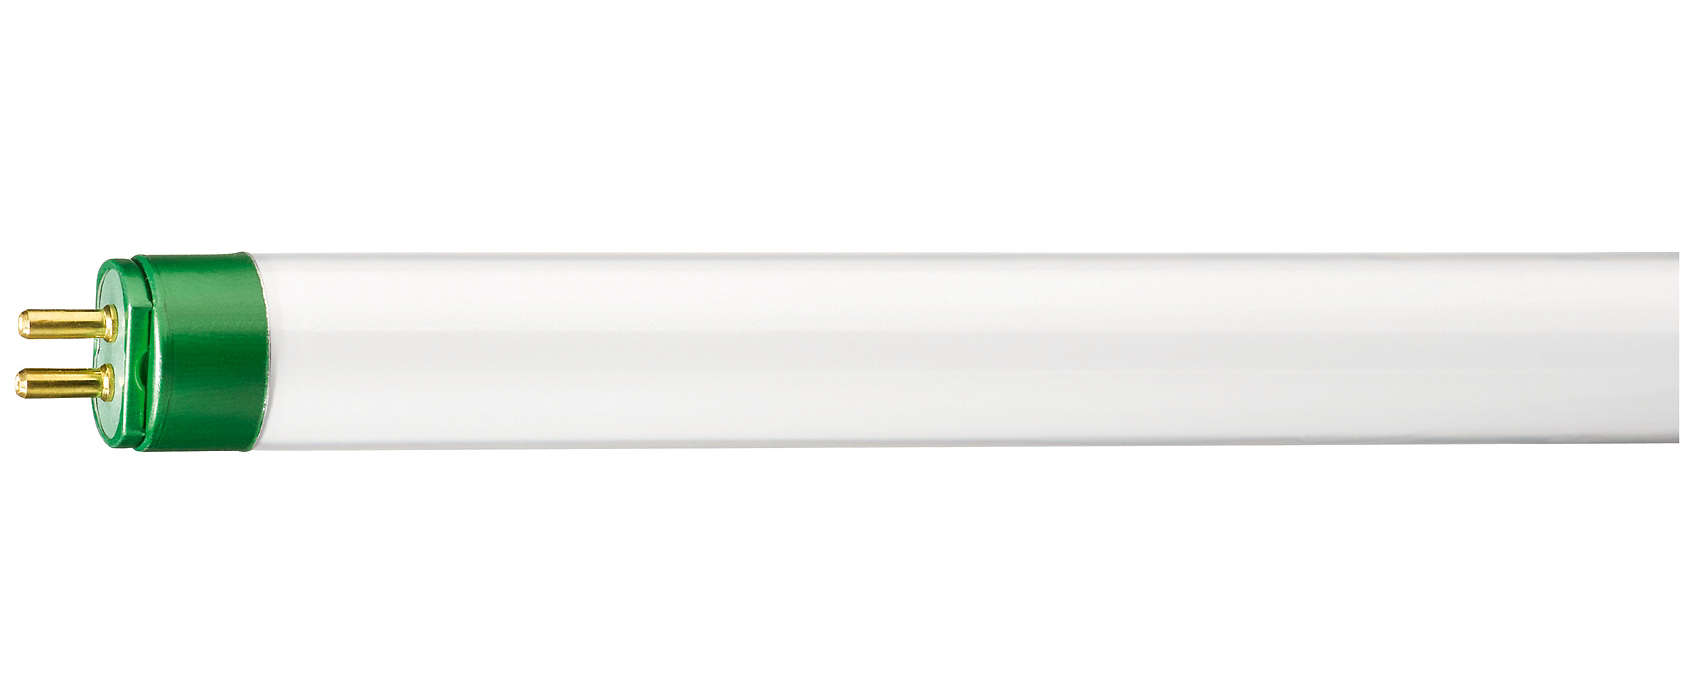 L'illuminazione fluorescente più efficiente e brillante al mondo